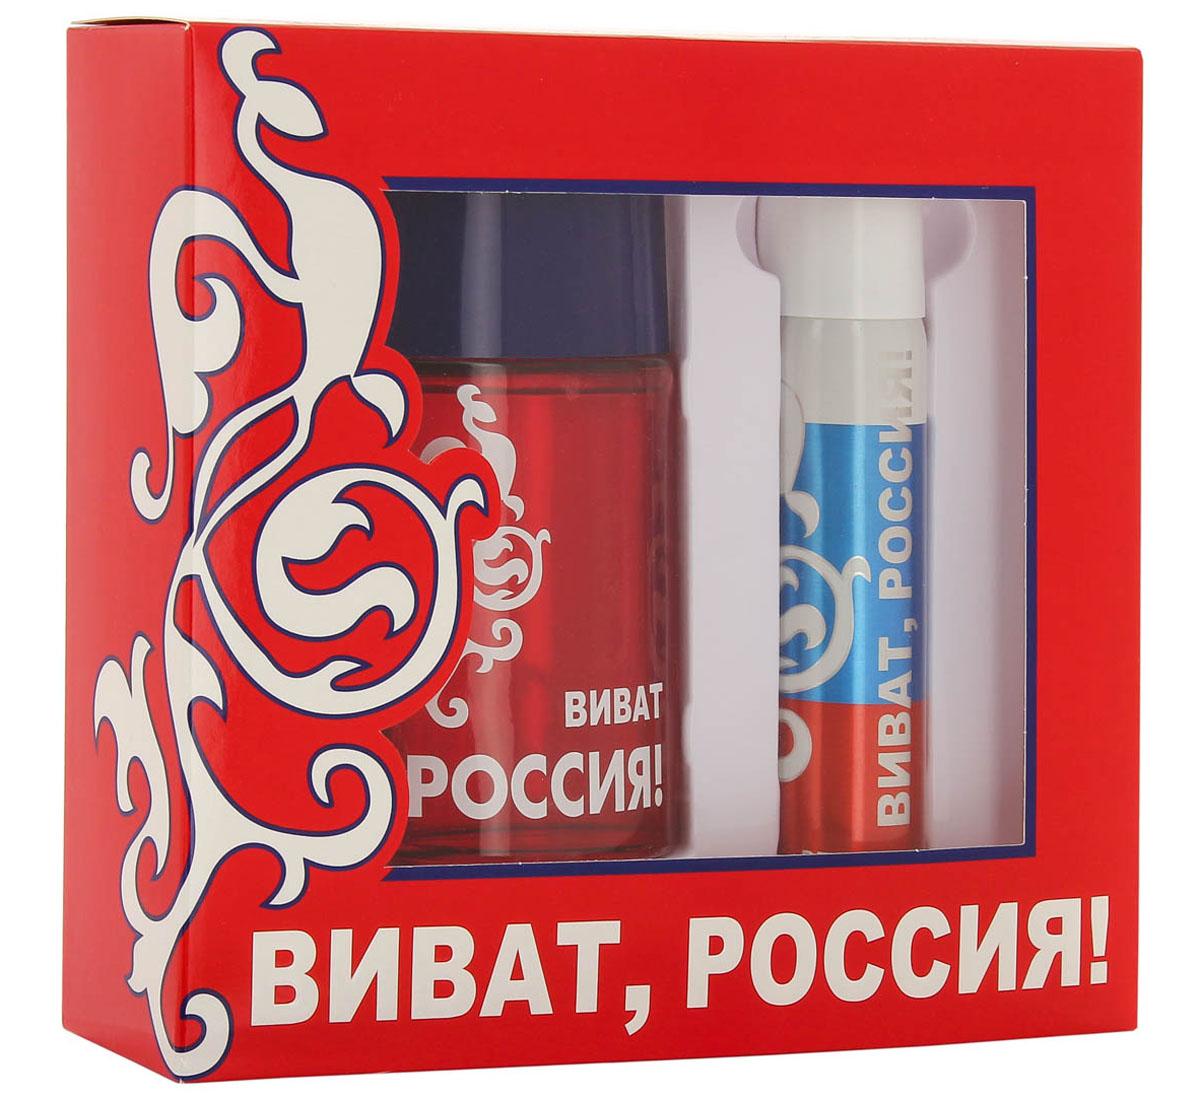 КПК-Парфюм Подарочный набор для мужчин Виват Россия красный: Туалетная вода, 100 мл + Парфюмированный дезодорант, 75 млКПК230ВИВАТ РОССИЯ КРАСНЫЙ - это аромат для мужчин. Верхние ноты: грейпфрут, мята и красный мандарин; ноты сердца: роза, корица и специи; ноты базы: кожа, древесные ноты, амбра и пачули из Индии.